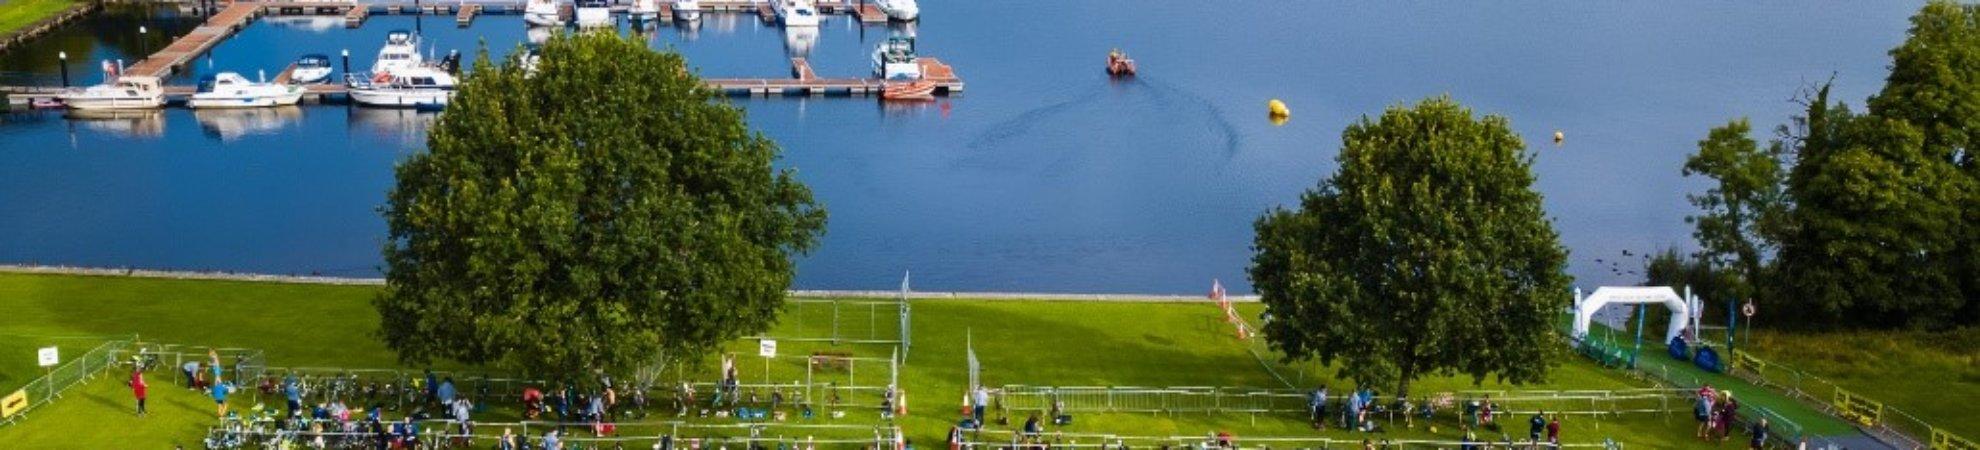 Lough Key Sprint Triathlon